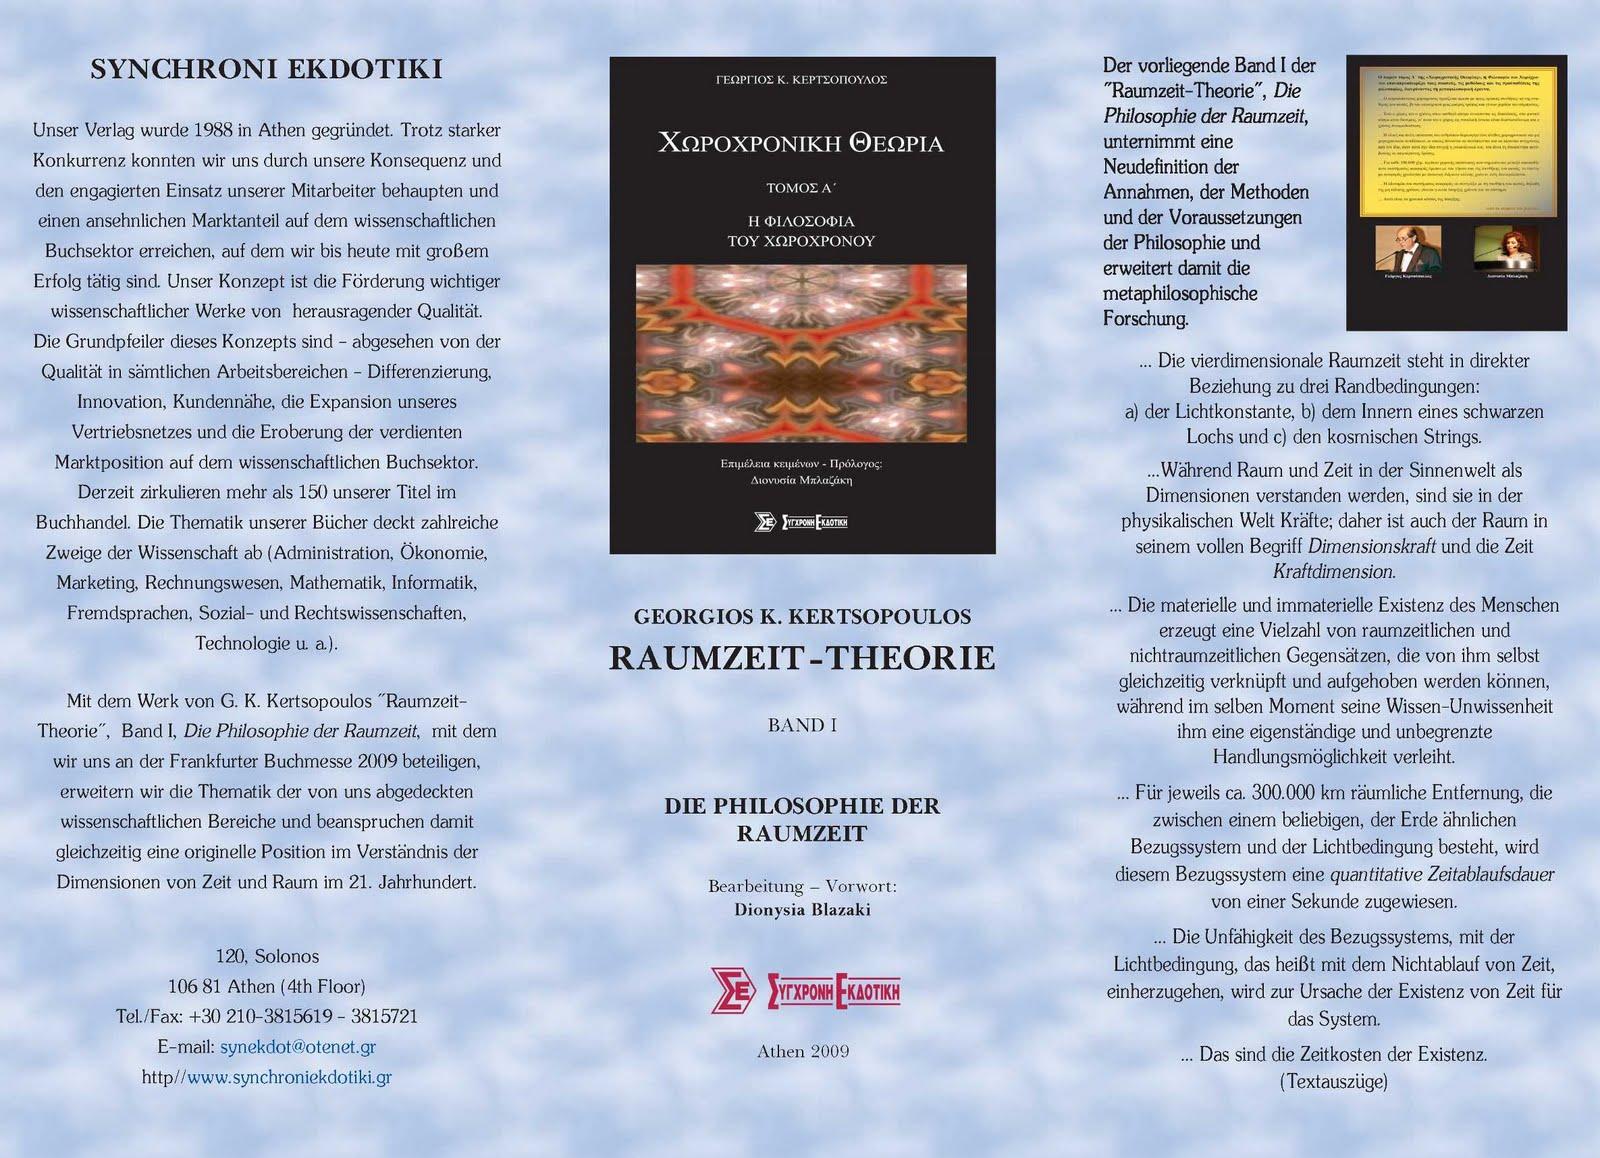 RAUMZEIT-THEORIE BAND I DIE PHILOSOPHIE DER RAUMZEIT